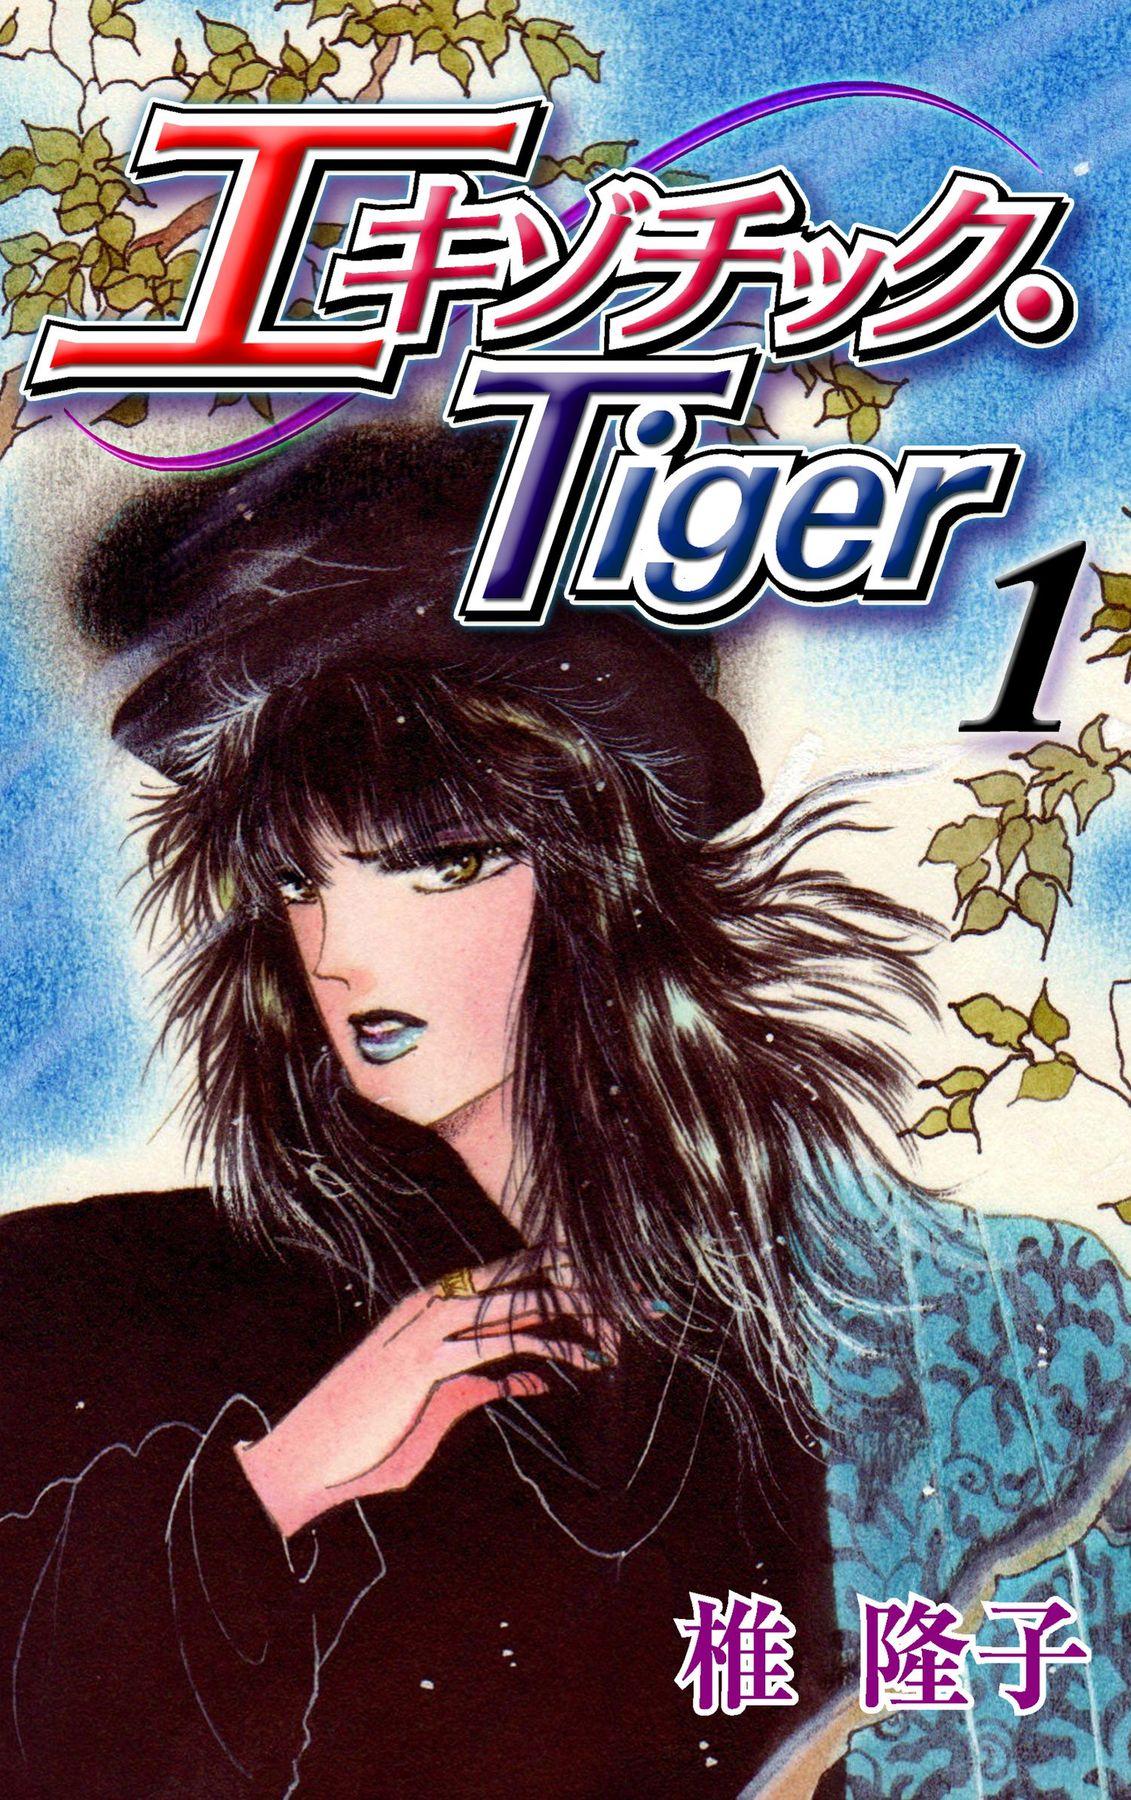 エキゾチック・Tiger(第1巻)